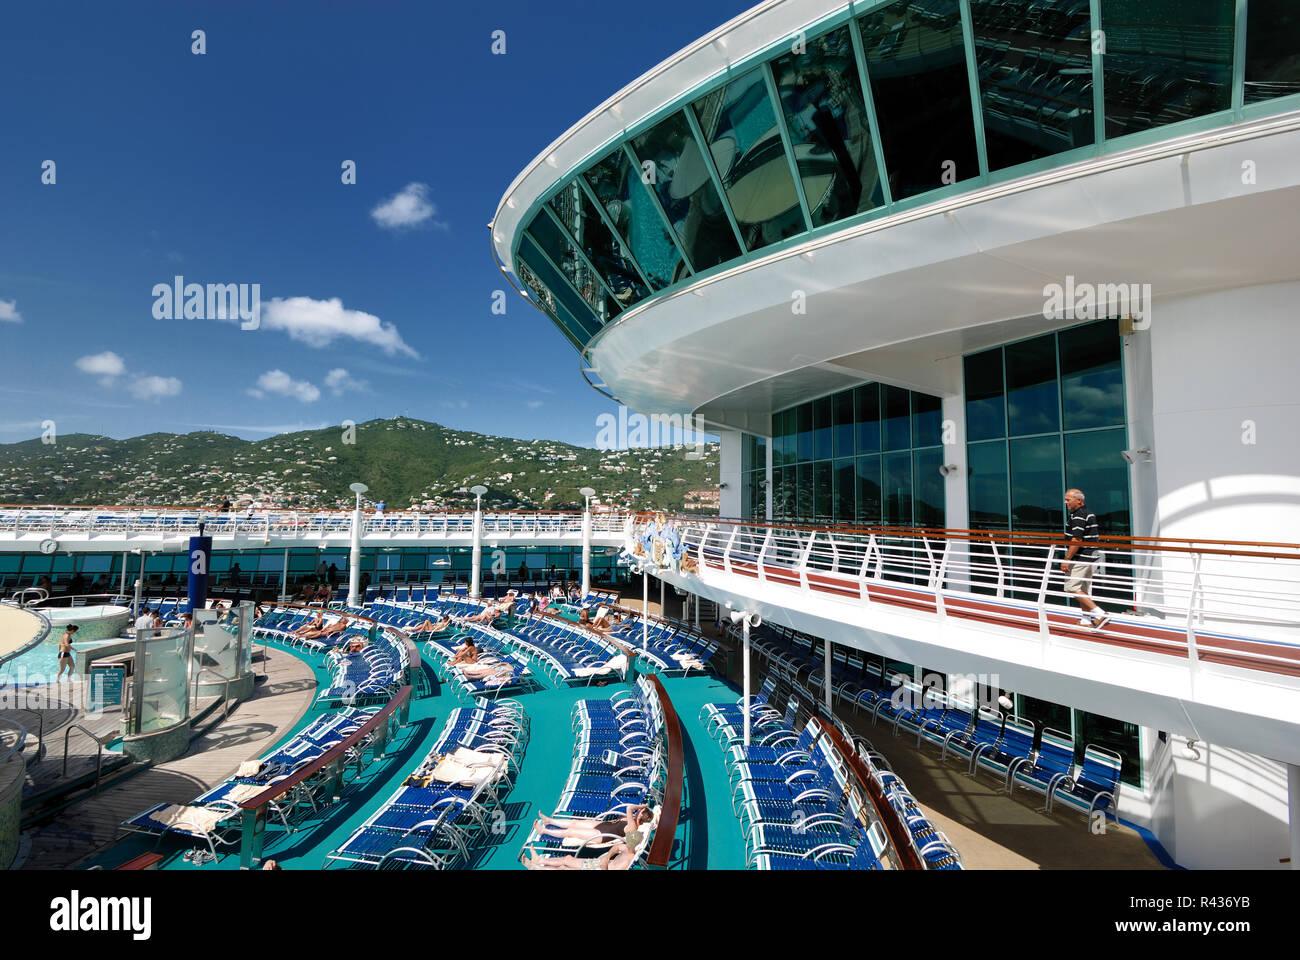 La piscina cubierta en la aventura de Royal Caribbean de los mares en un  crucero. 1ddace27b76f